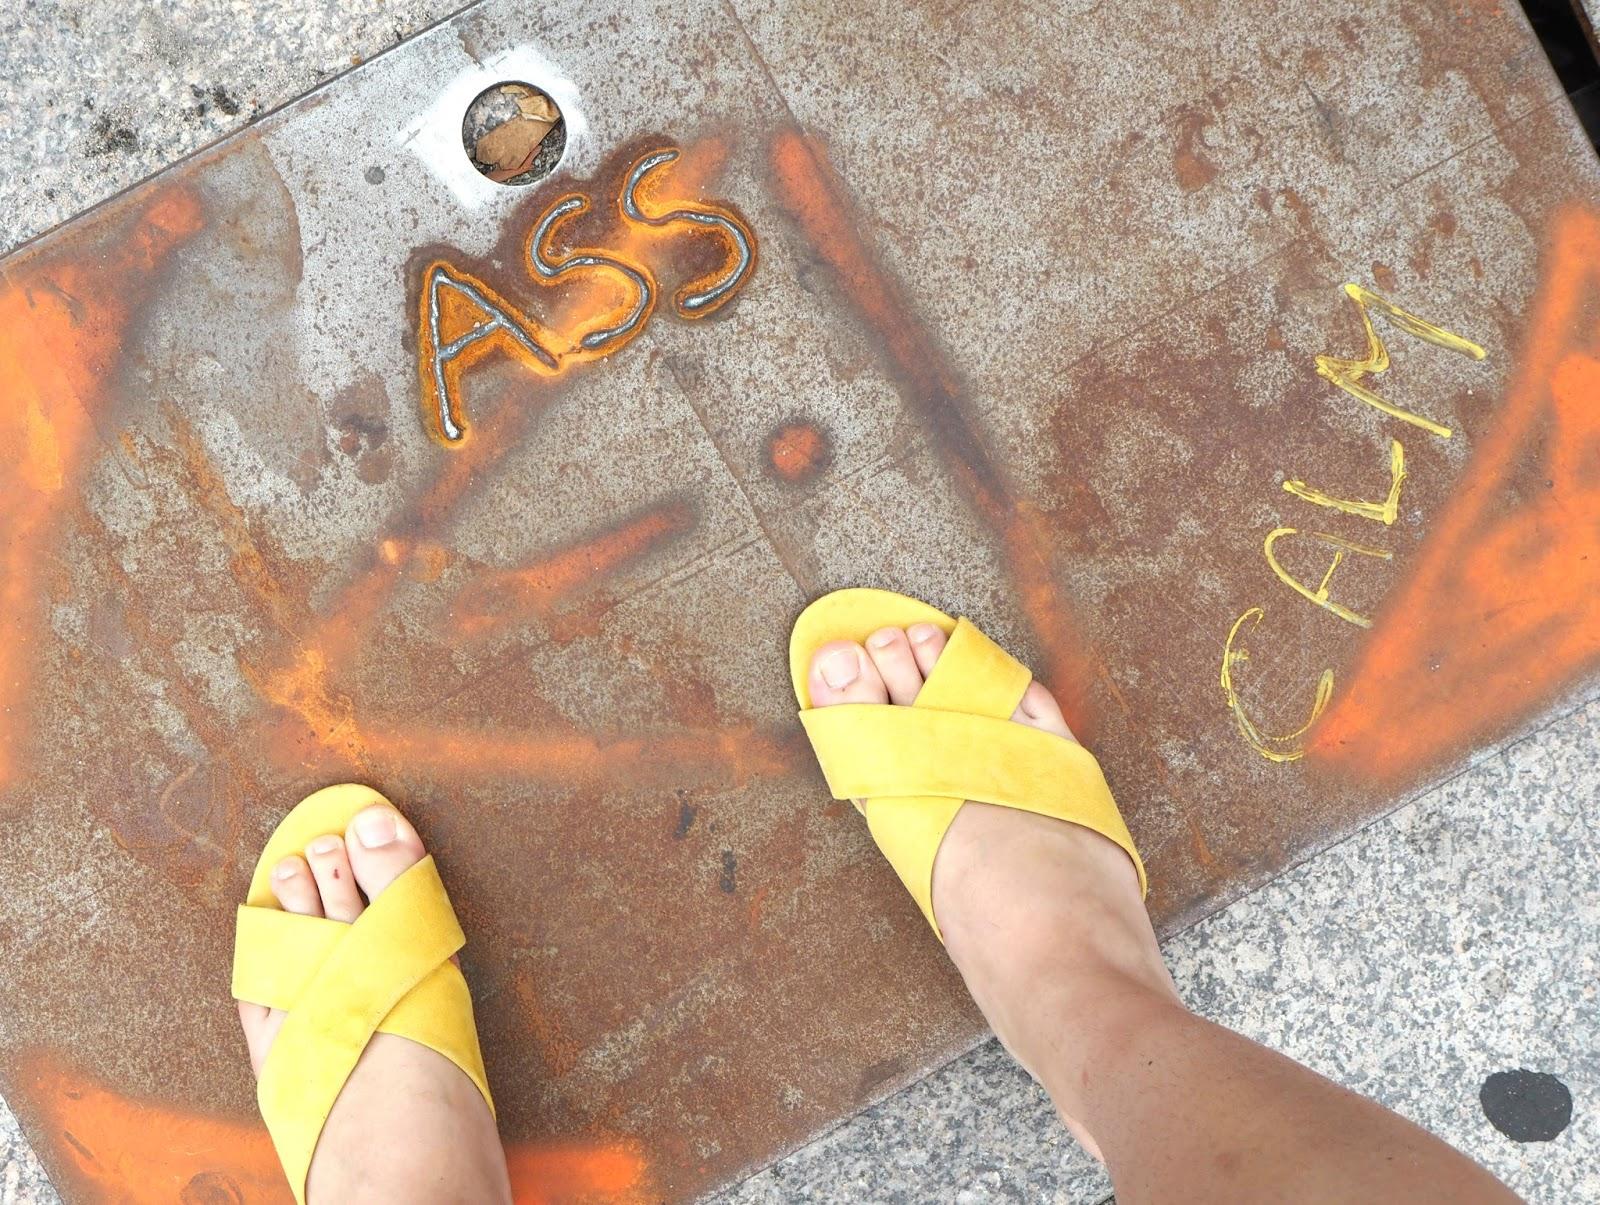 Ass graffiti